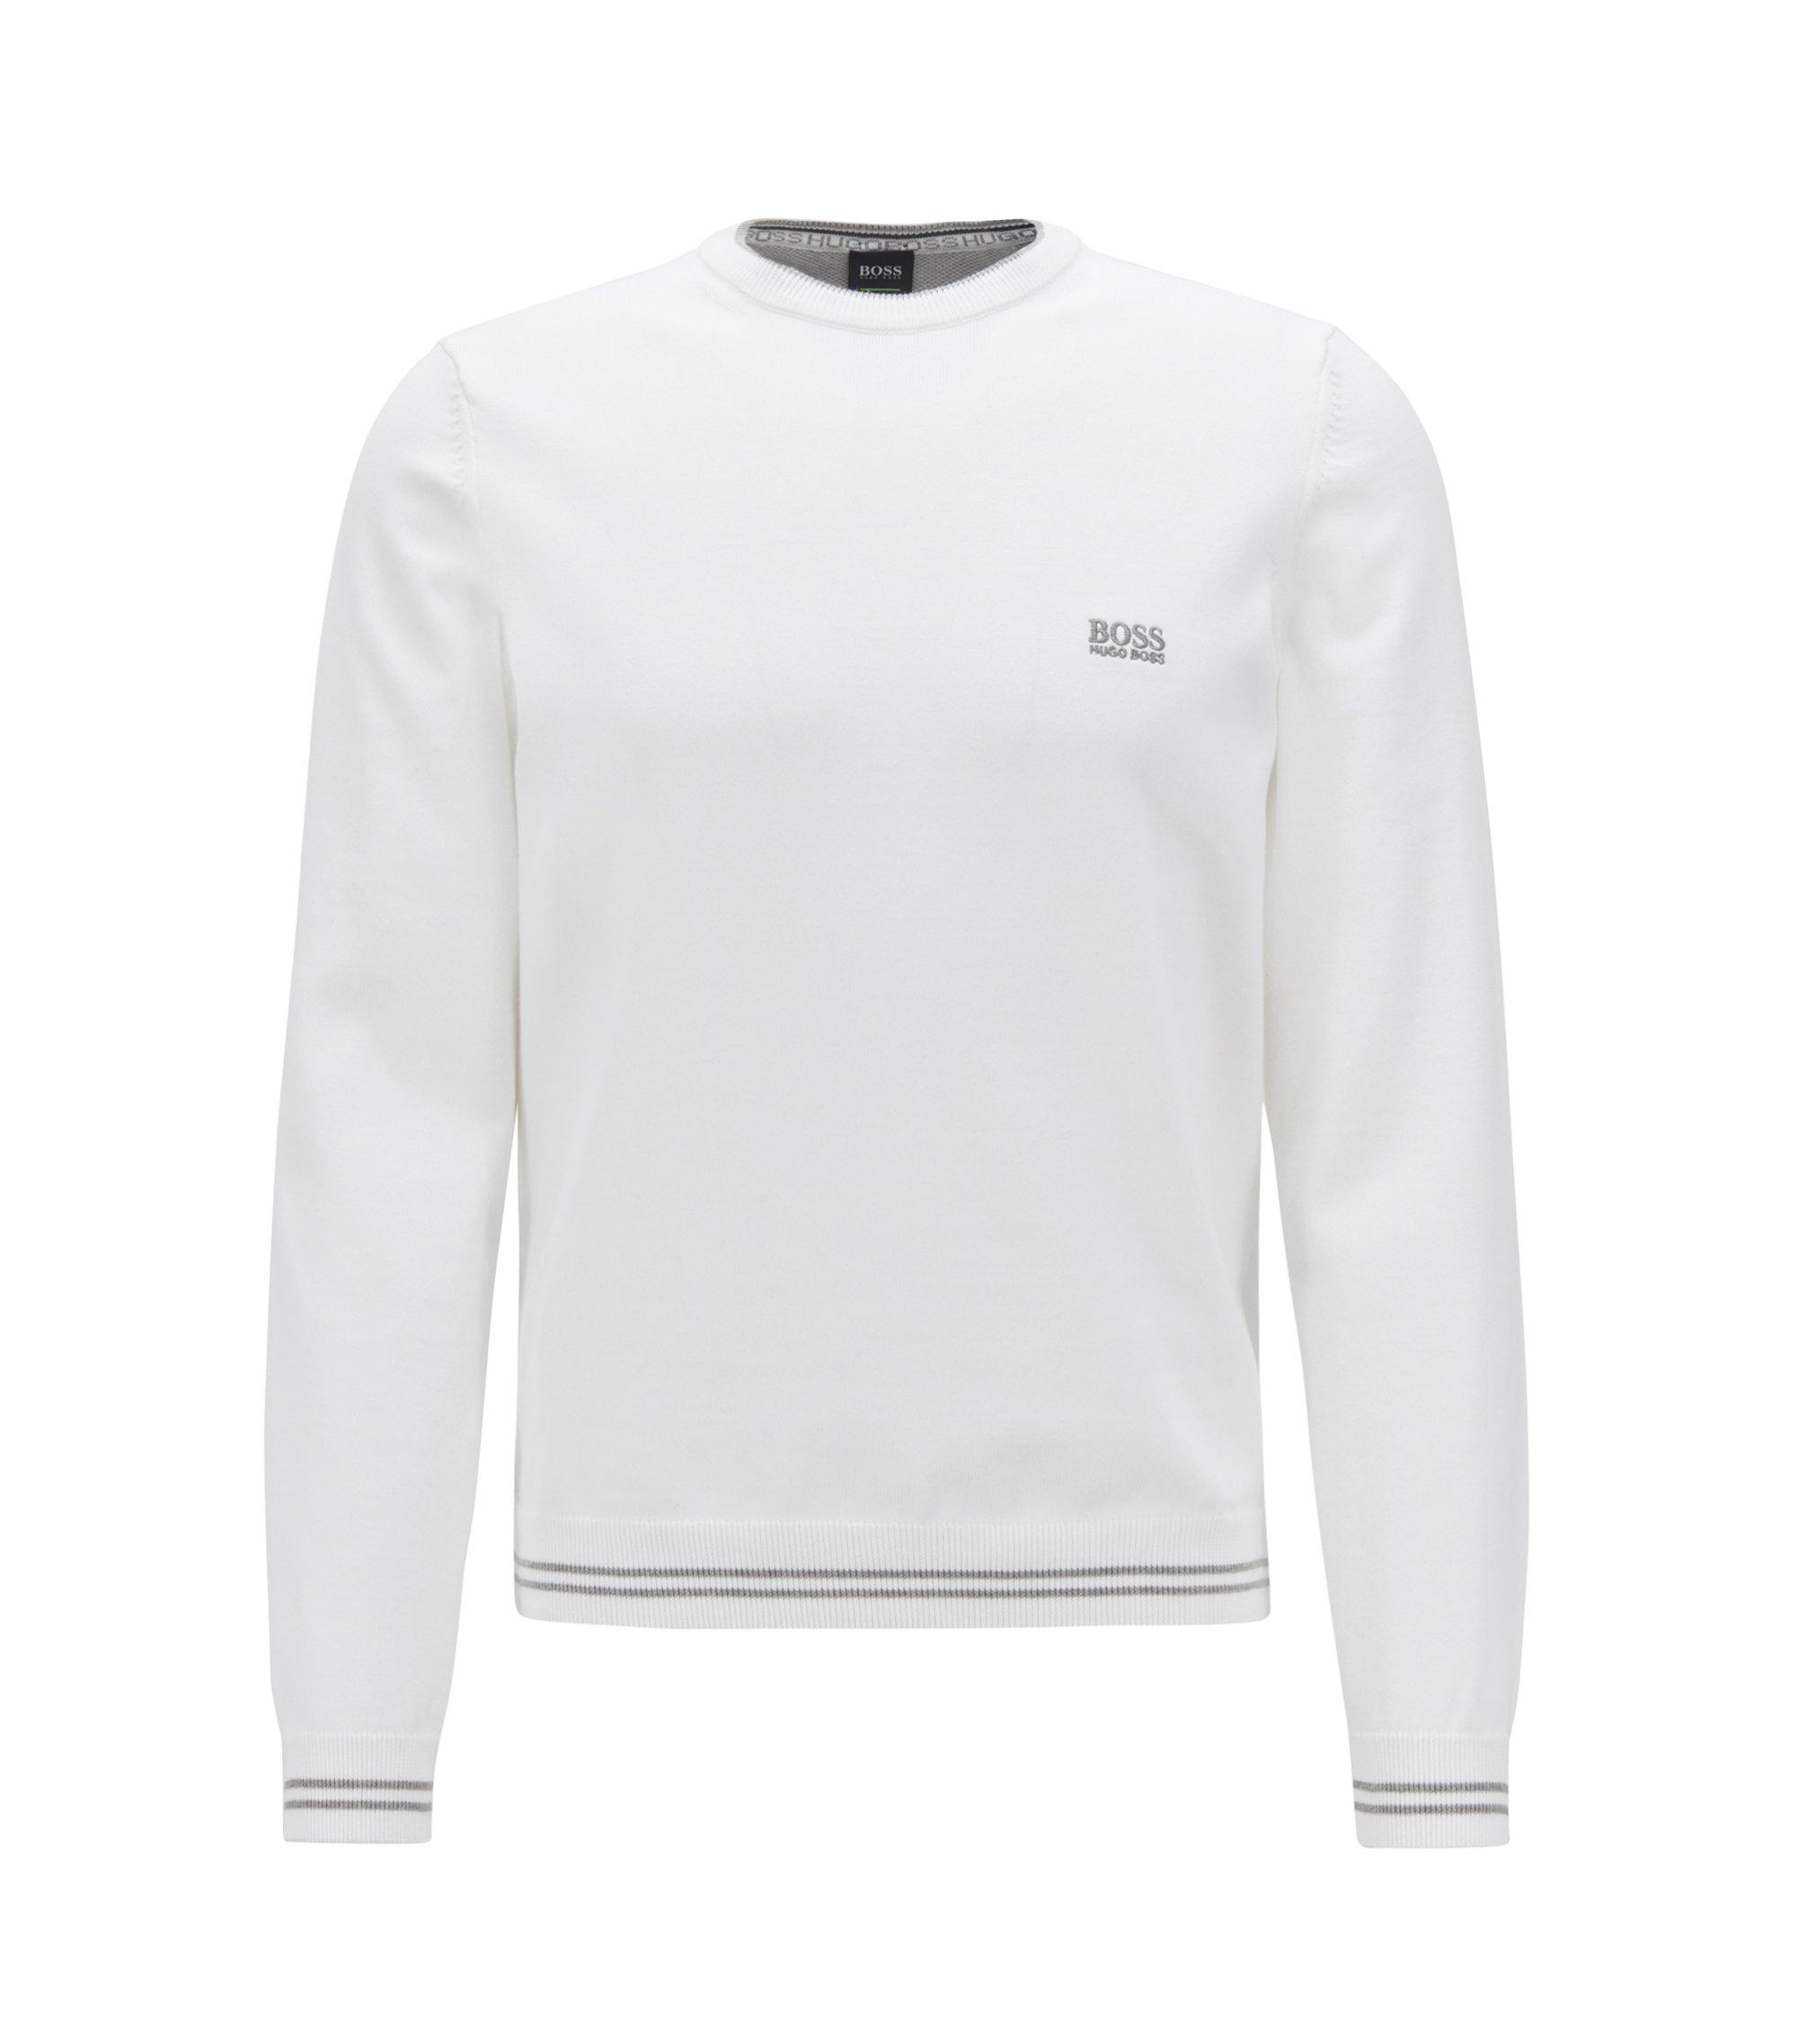 Strickpullover aus Baumwoll-Mix mit kontrastfarbener Einfassung und Logo-Intarsien, Weiß